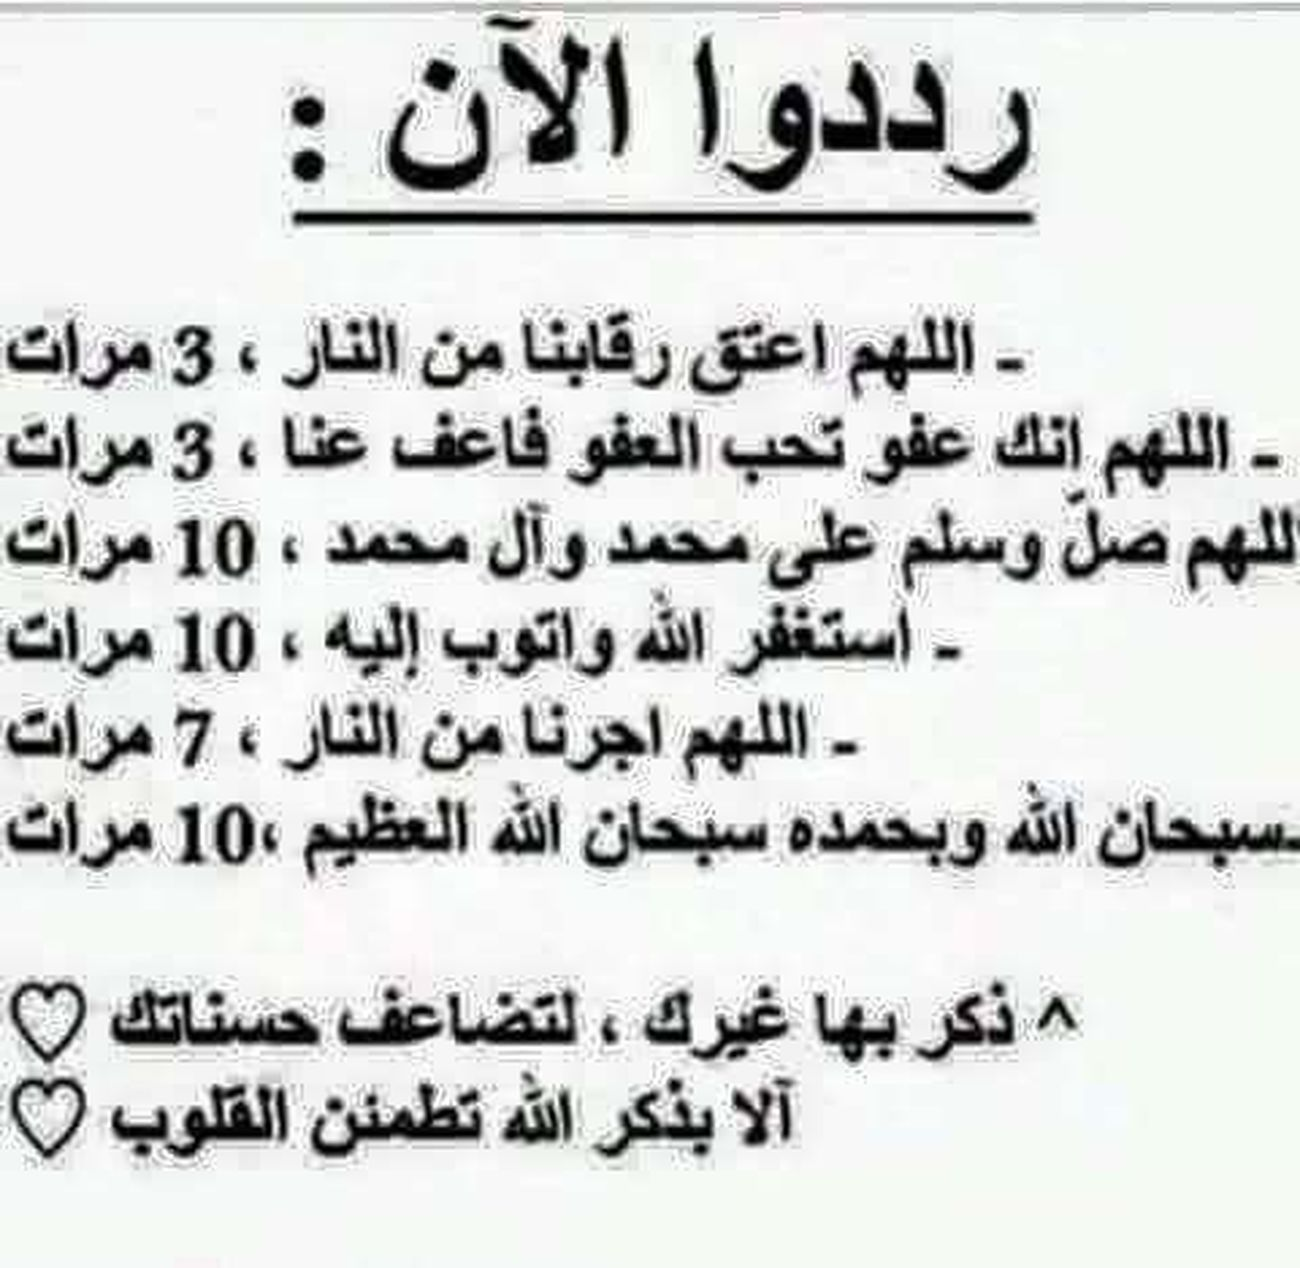 اكثر من الصلاة على محمد وال بيت محمد